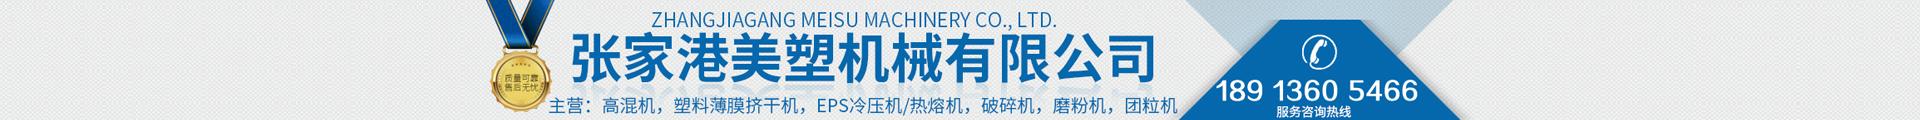 张家港美塑机械有限公司